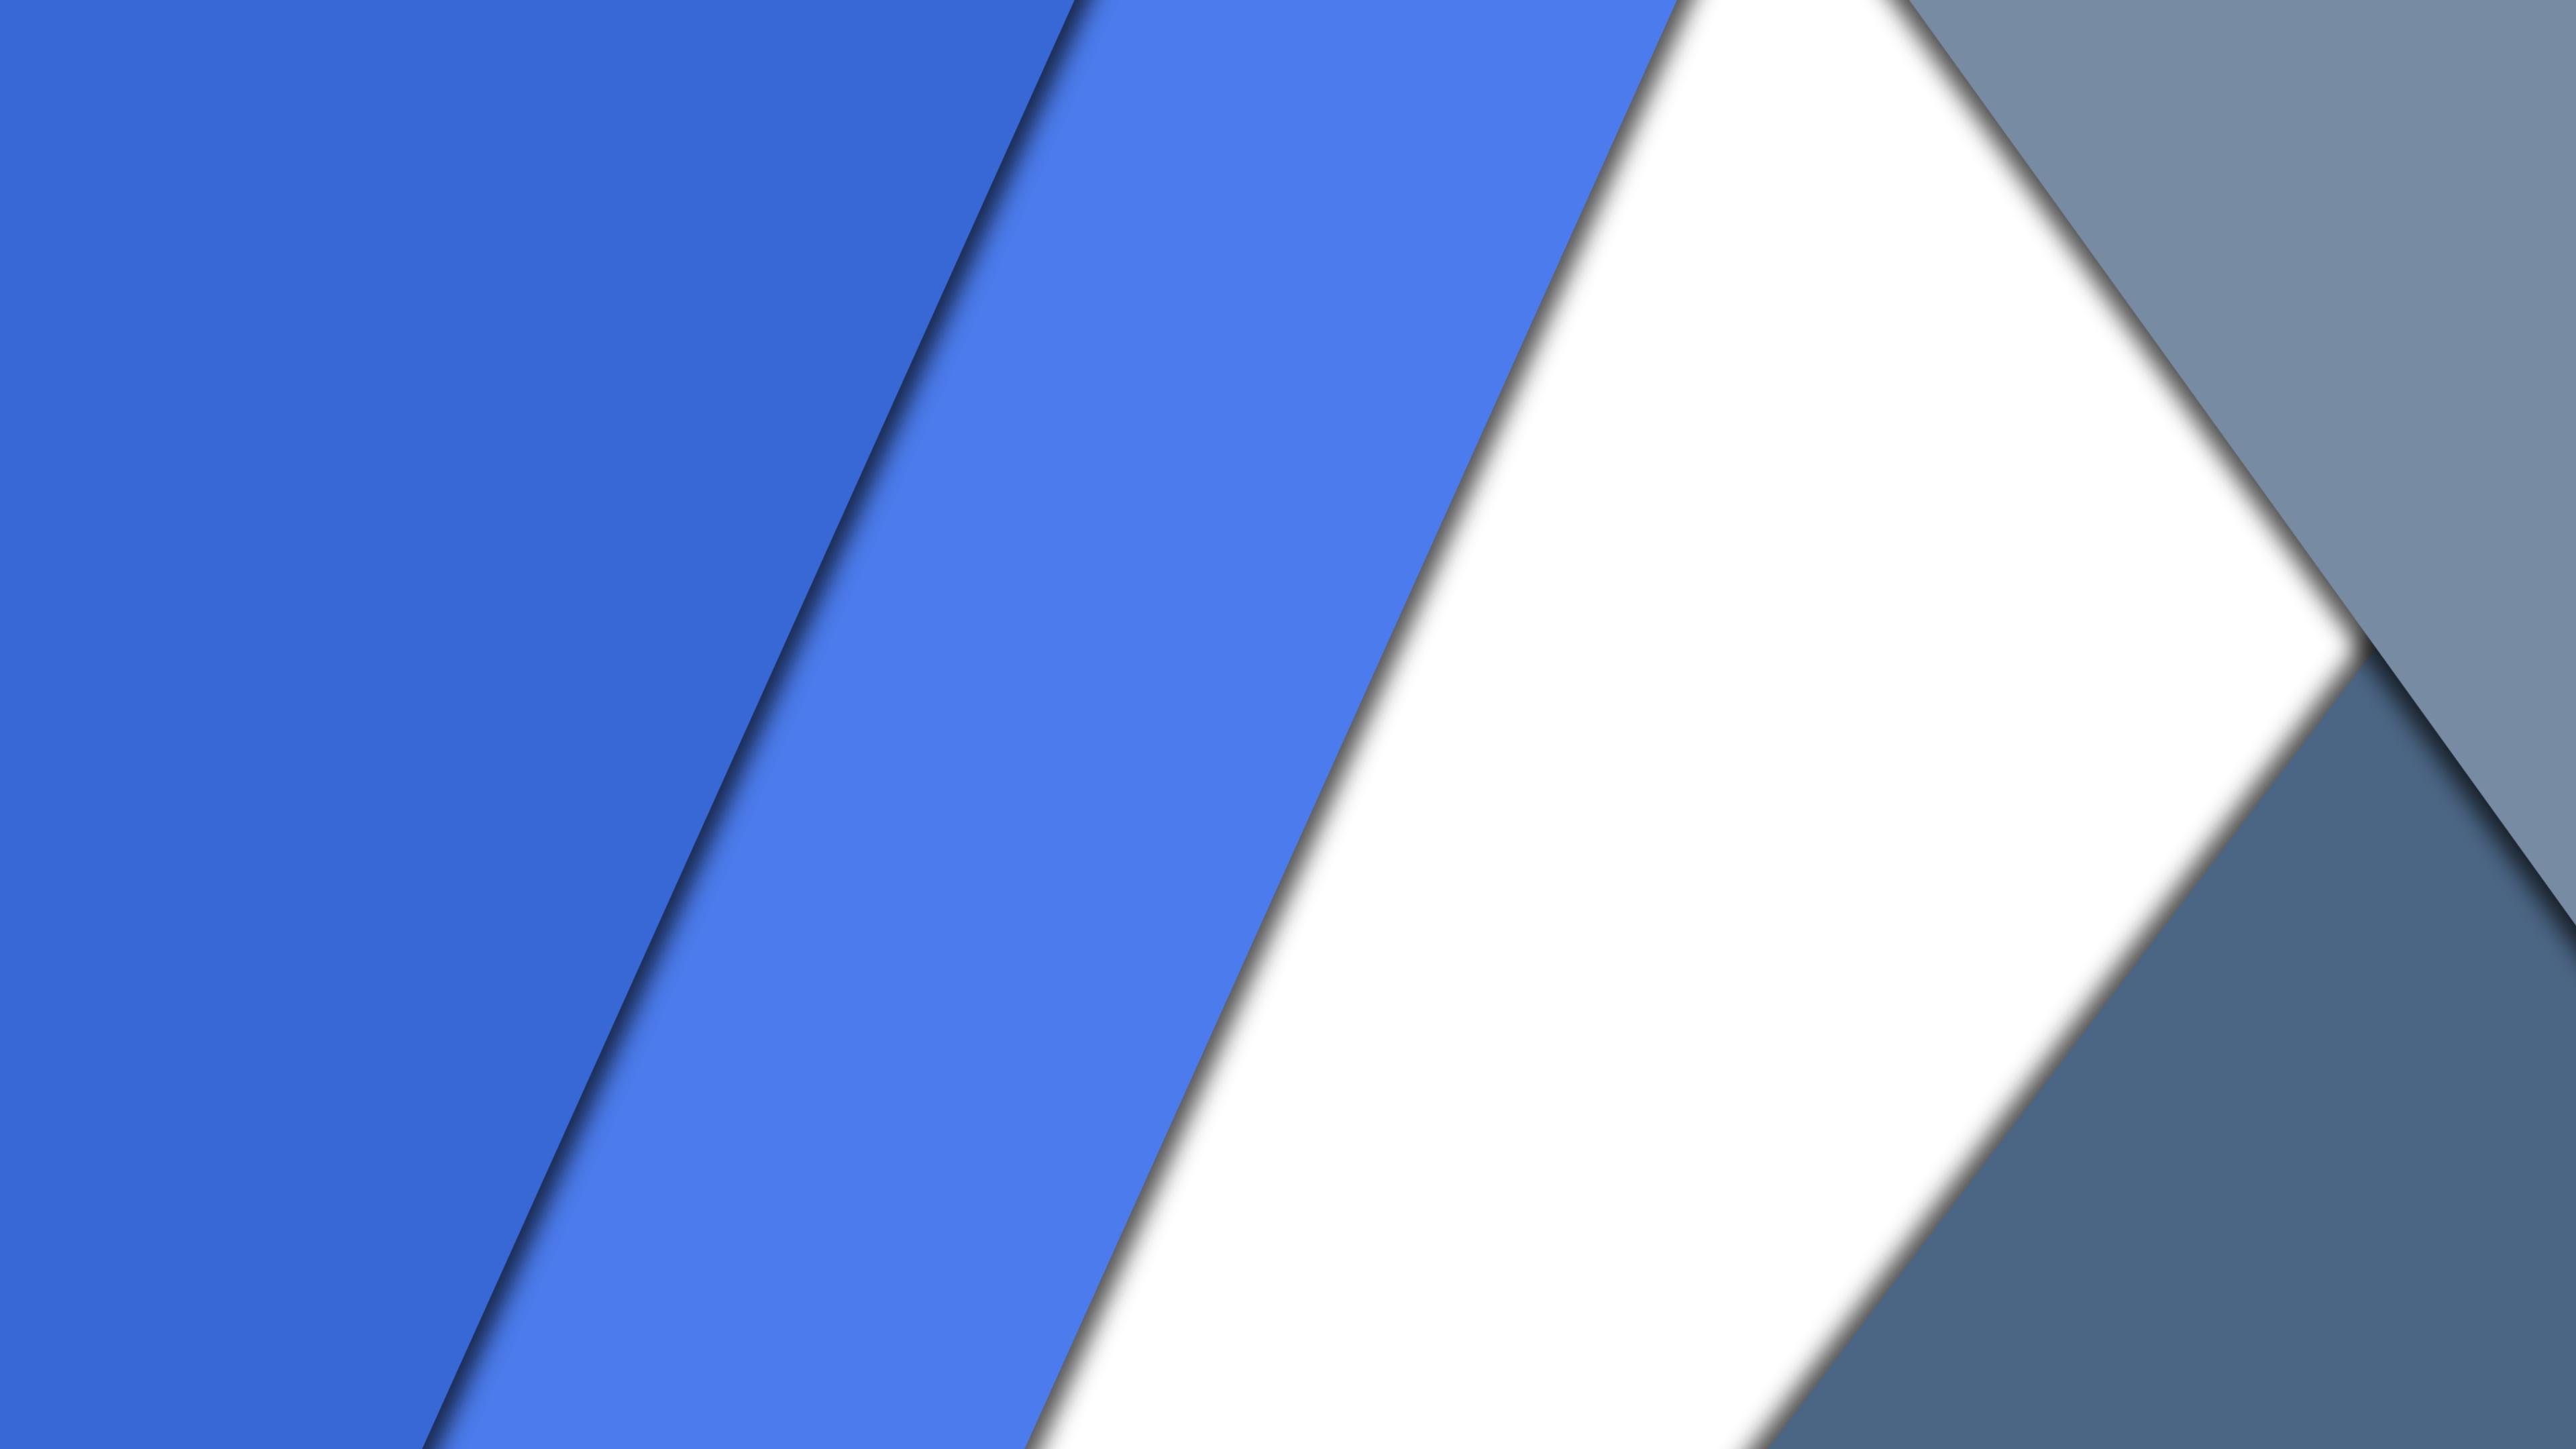 blue white material design 4k 1539371408 - Blue White Material Design 4k - material wallpapers, hd-wallpapers, design wallpapers, abstract wallpapers, 4k-wallpapers